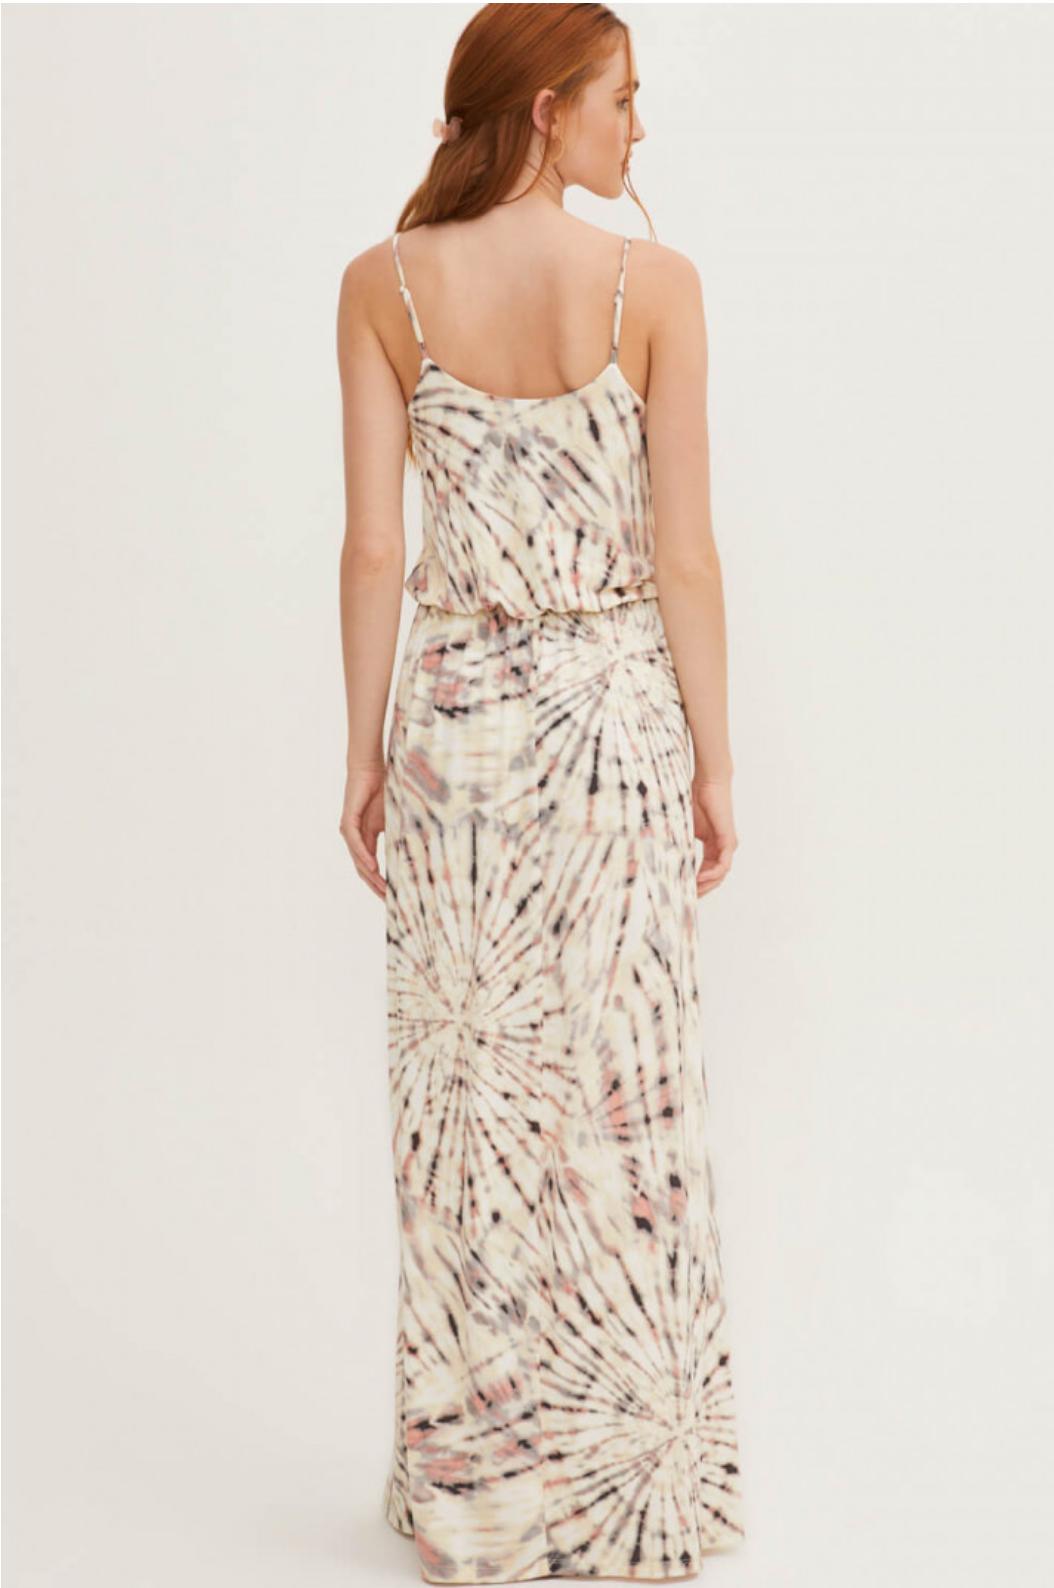 Lush Tie Dye Maxi Dress-Coral